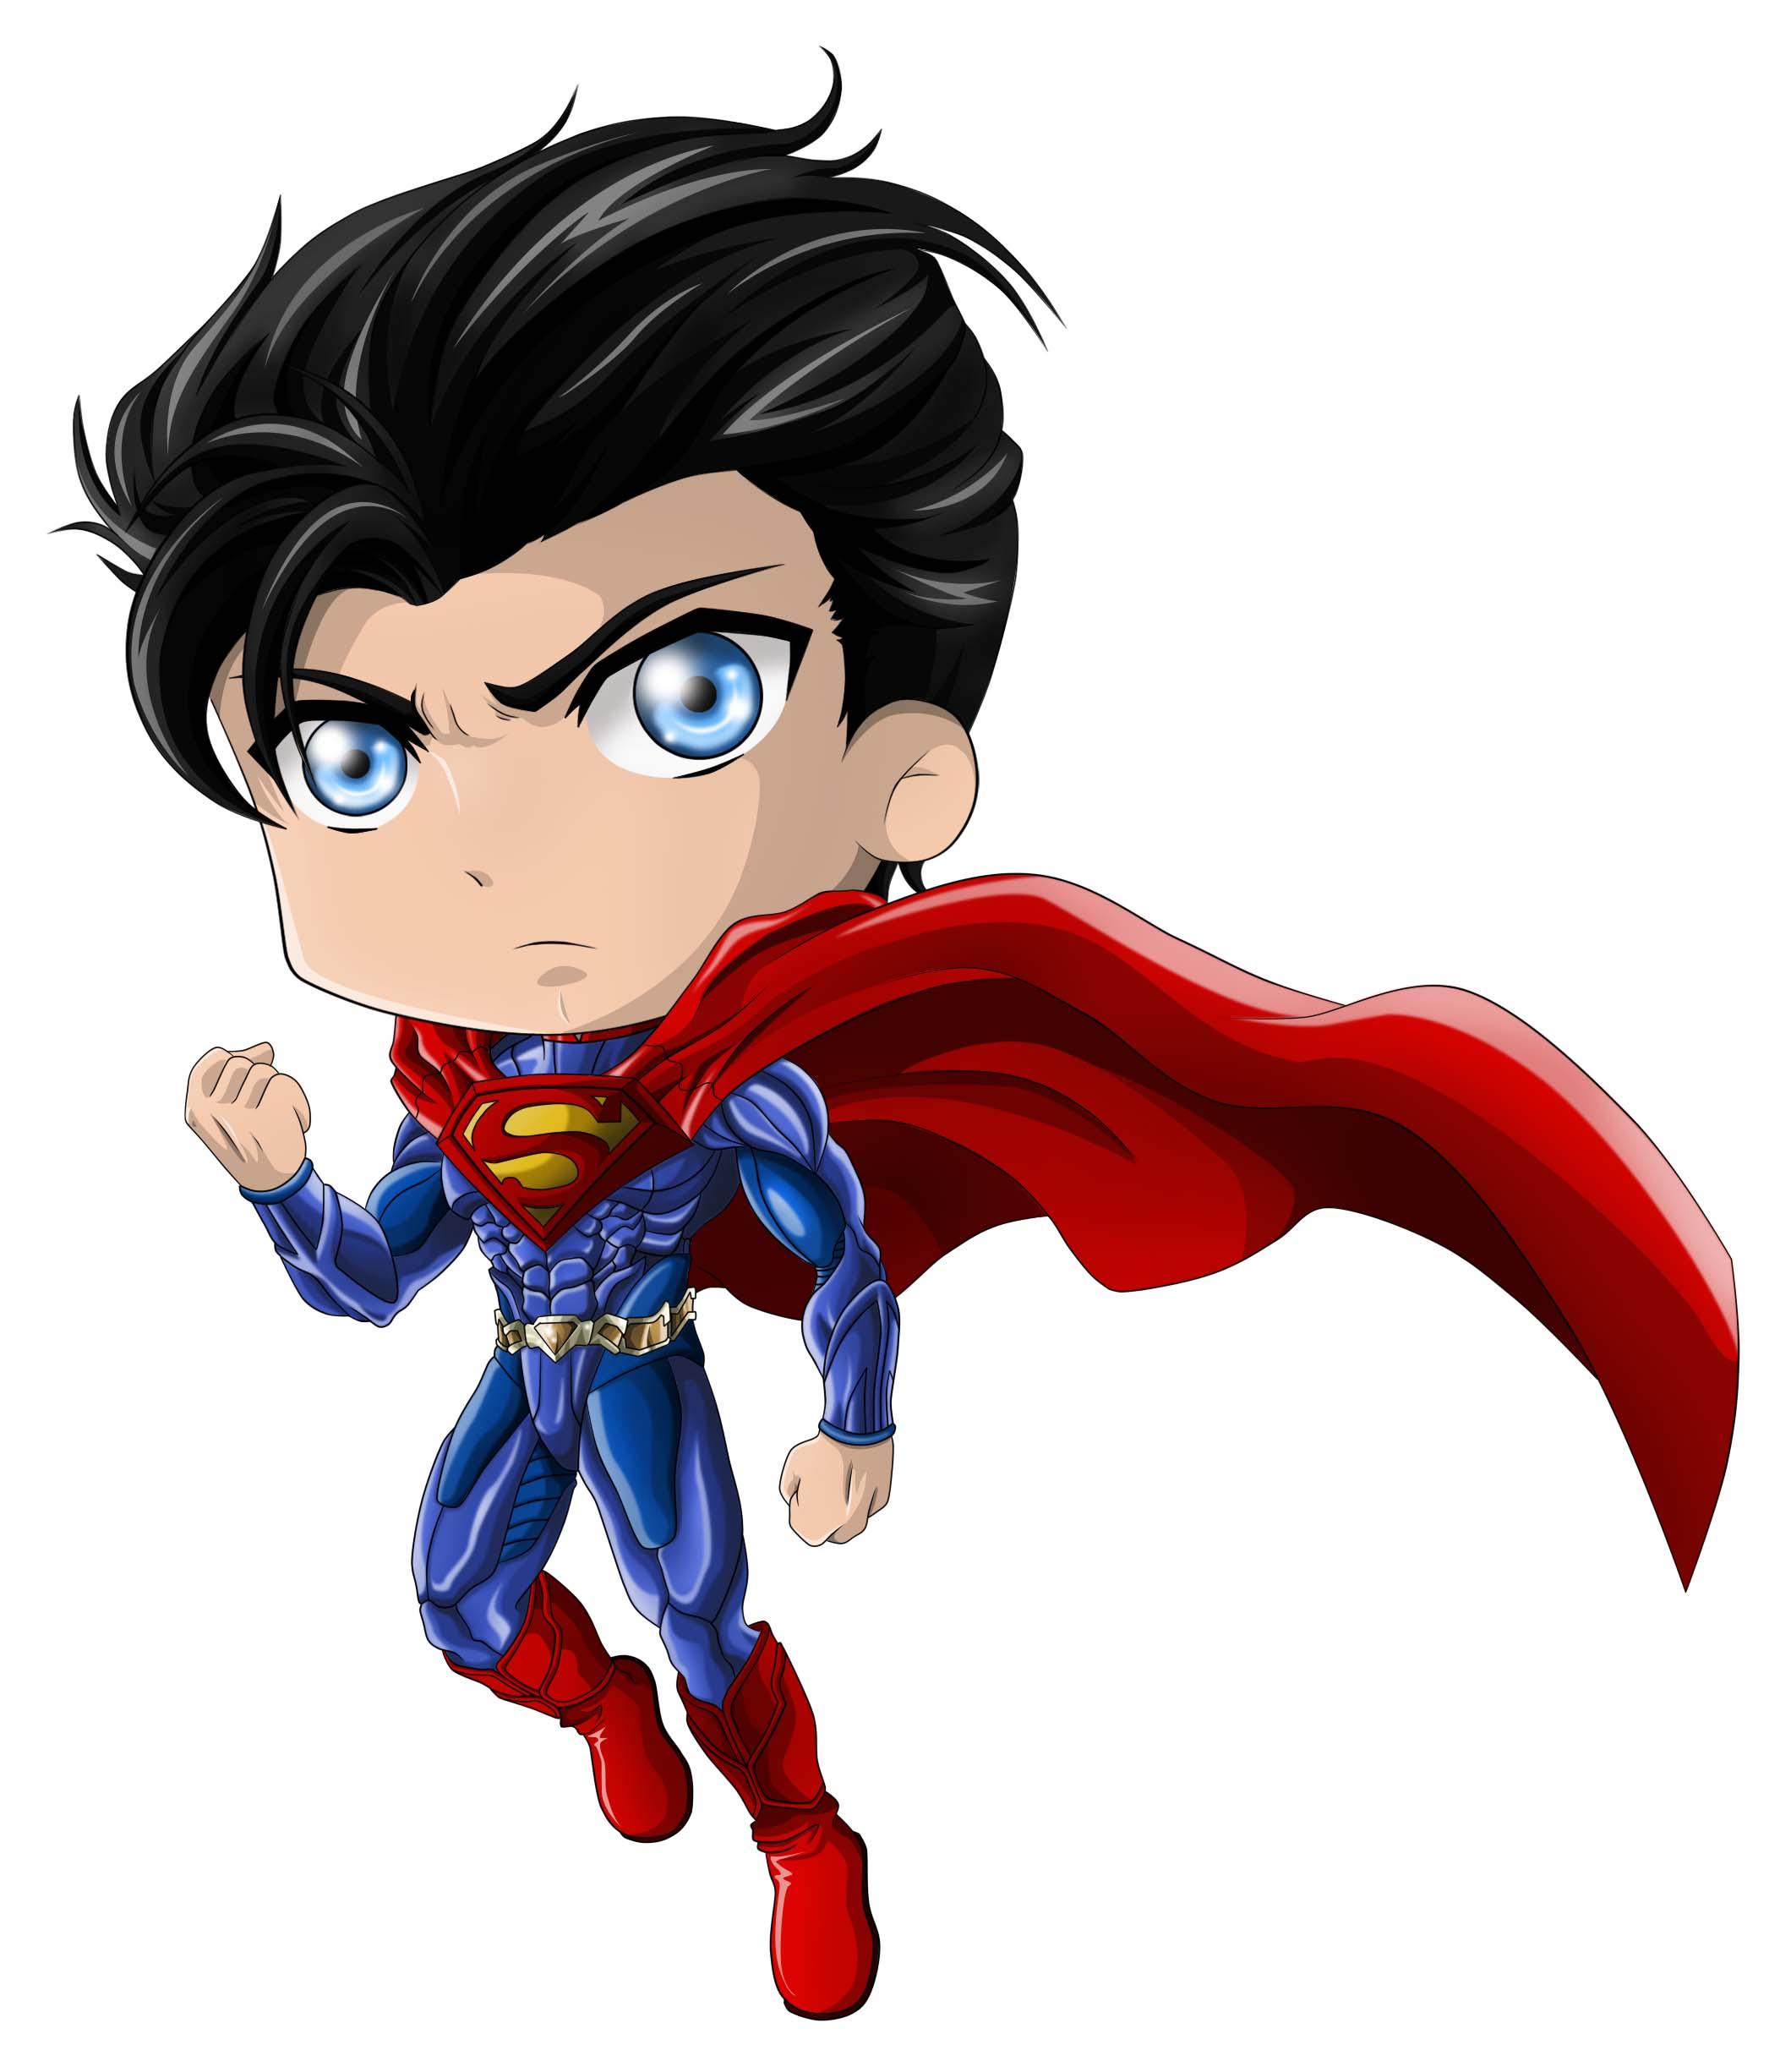 Ảnh superman chibi đáng yêu